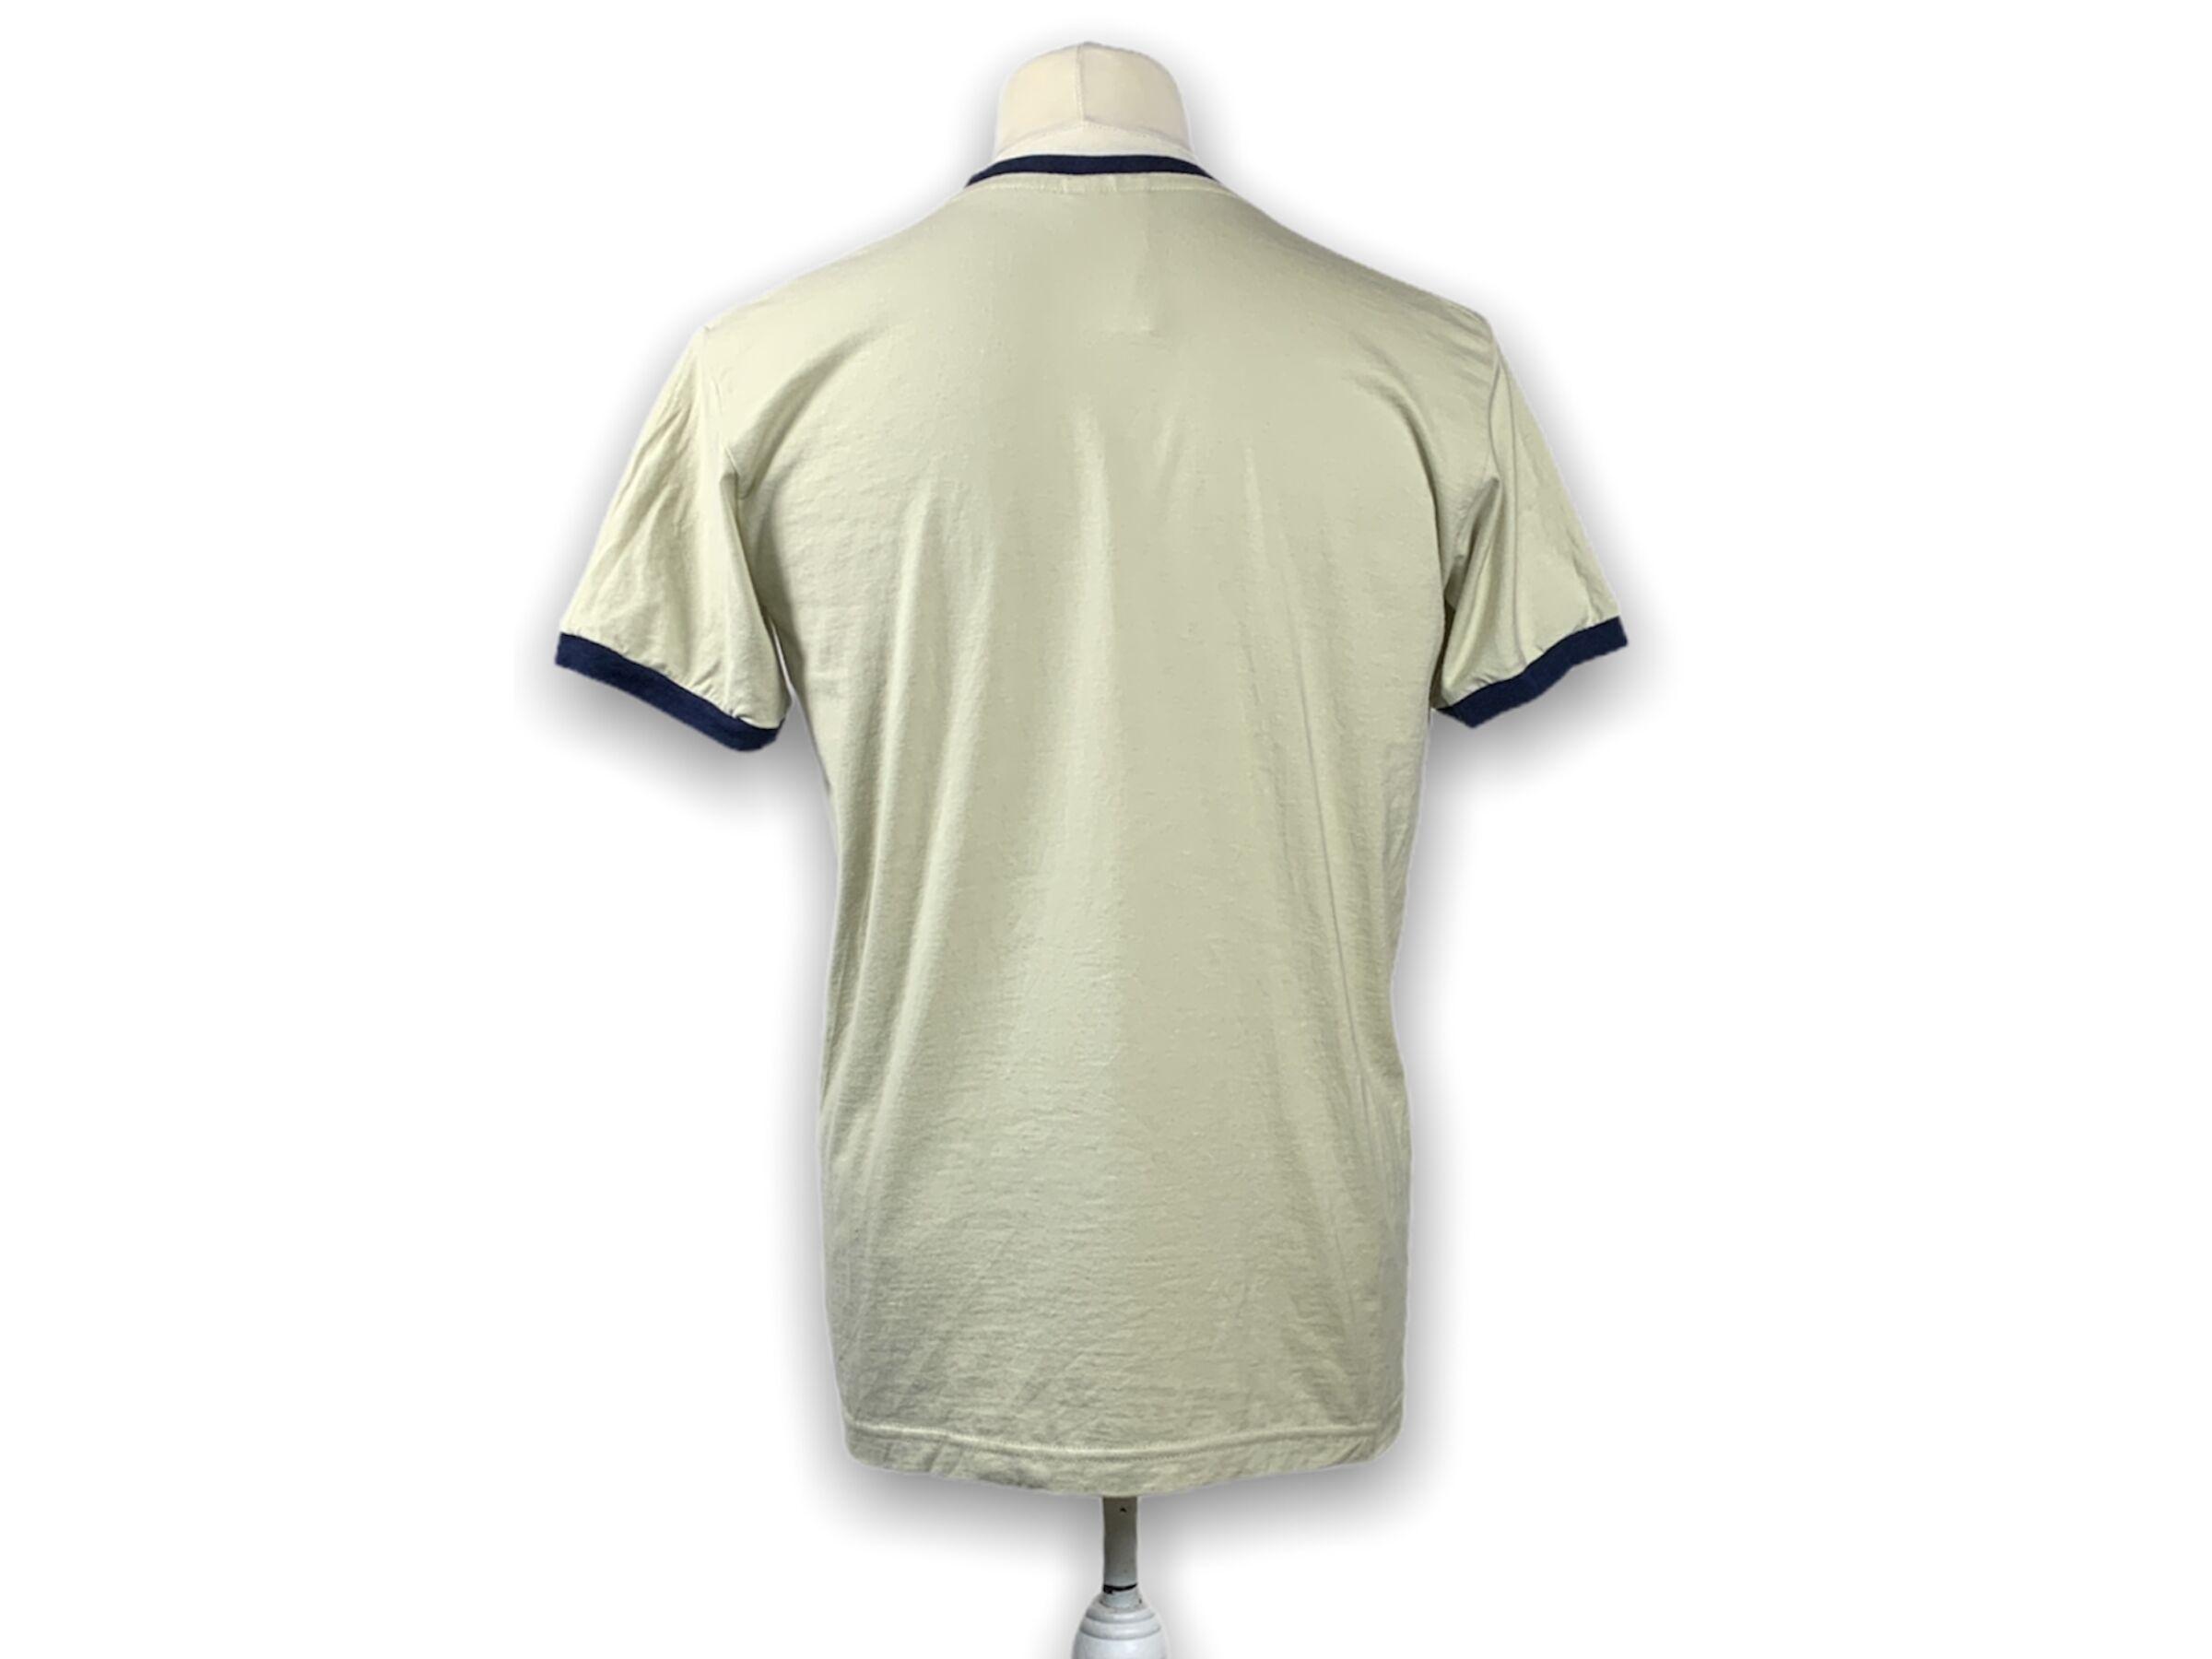 Vintage Nike póló (L)